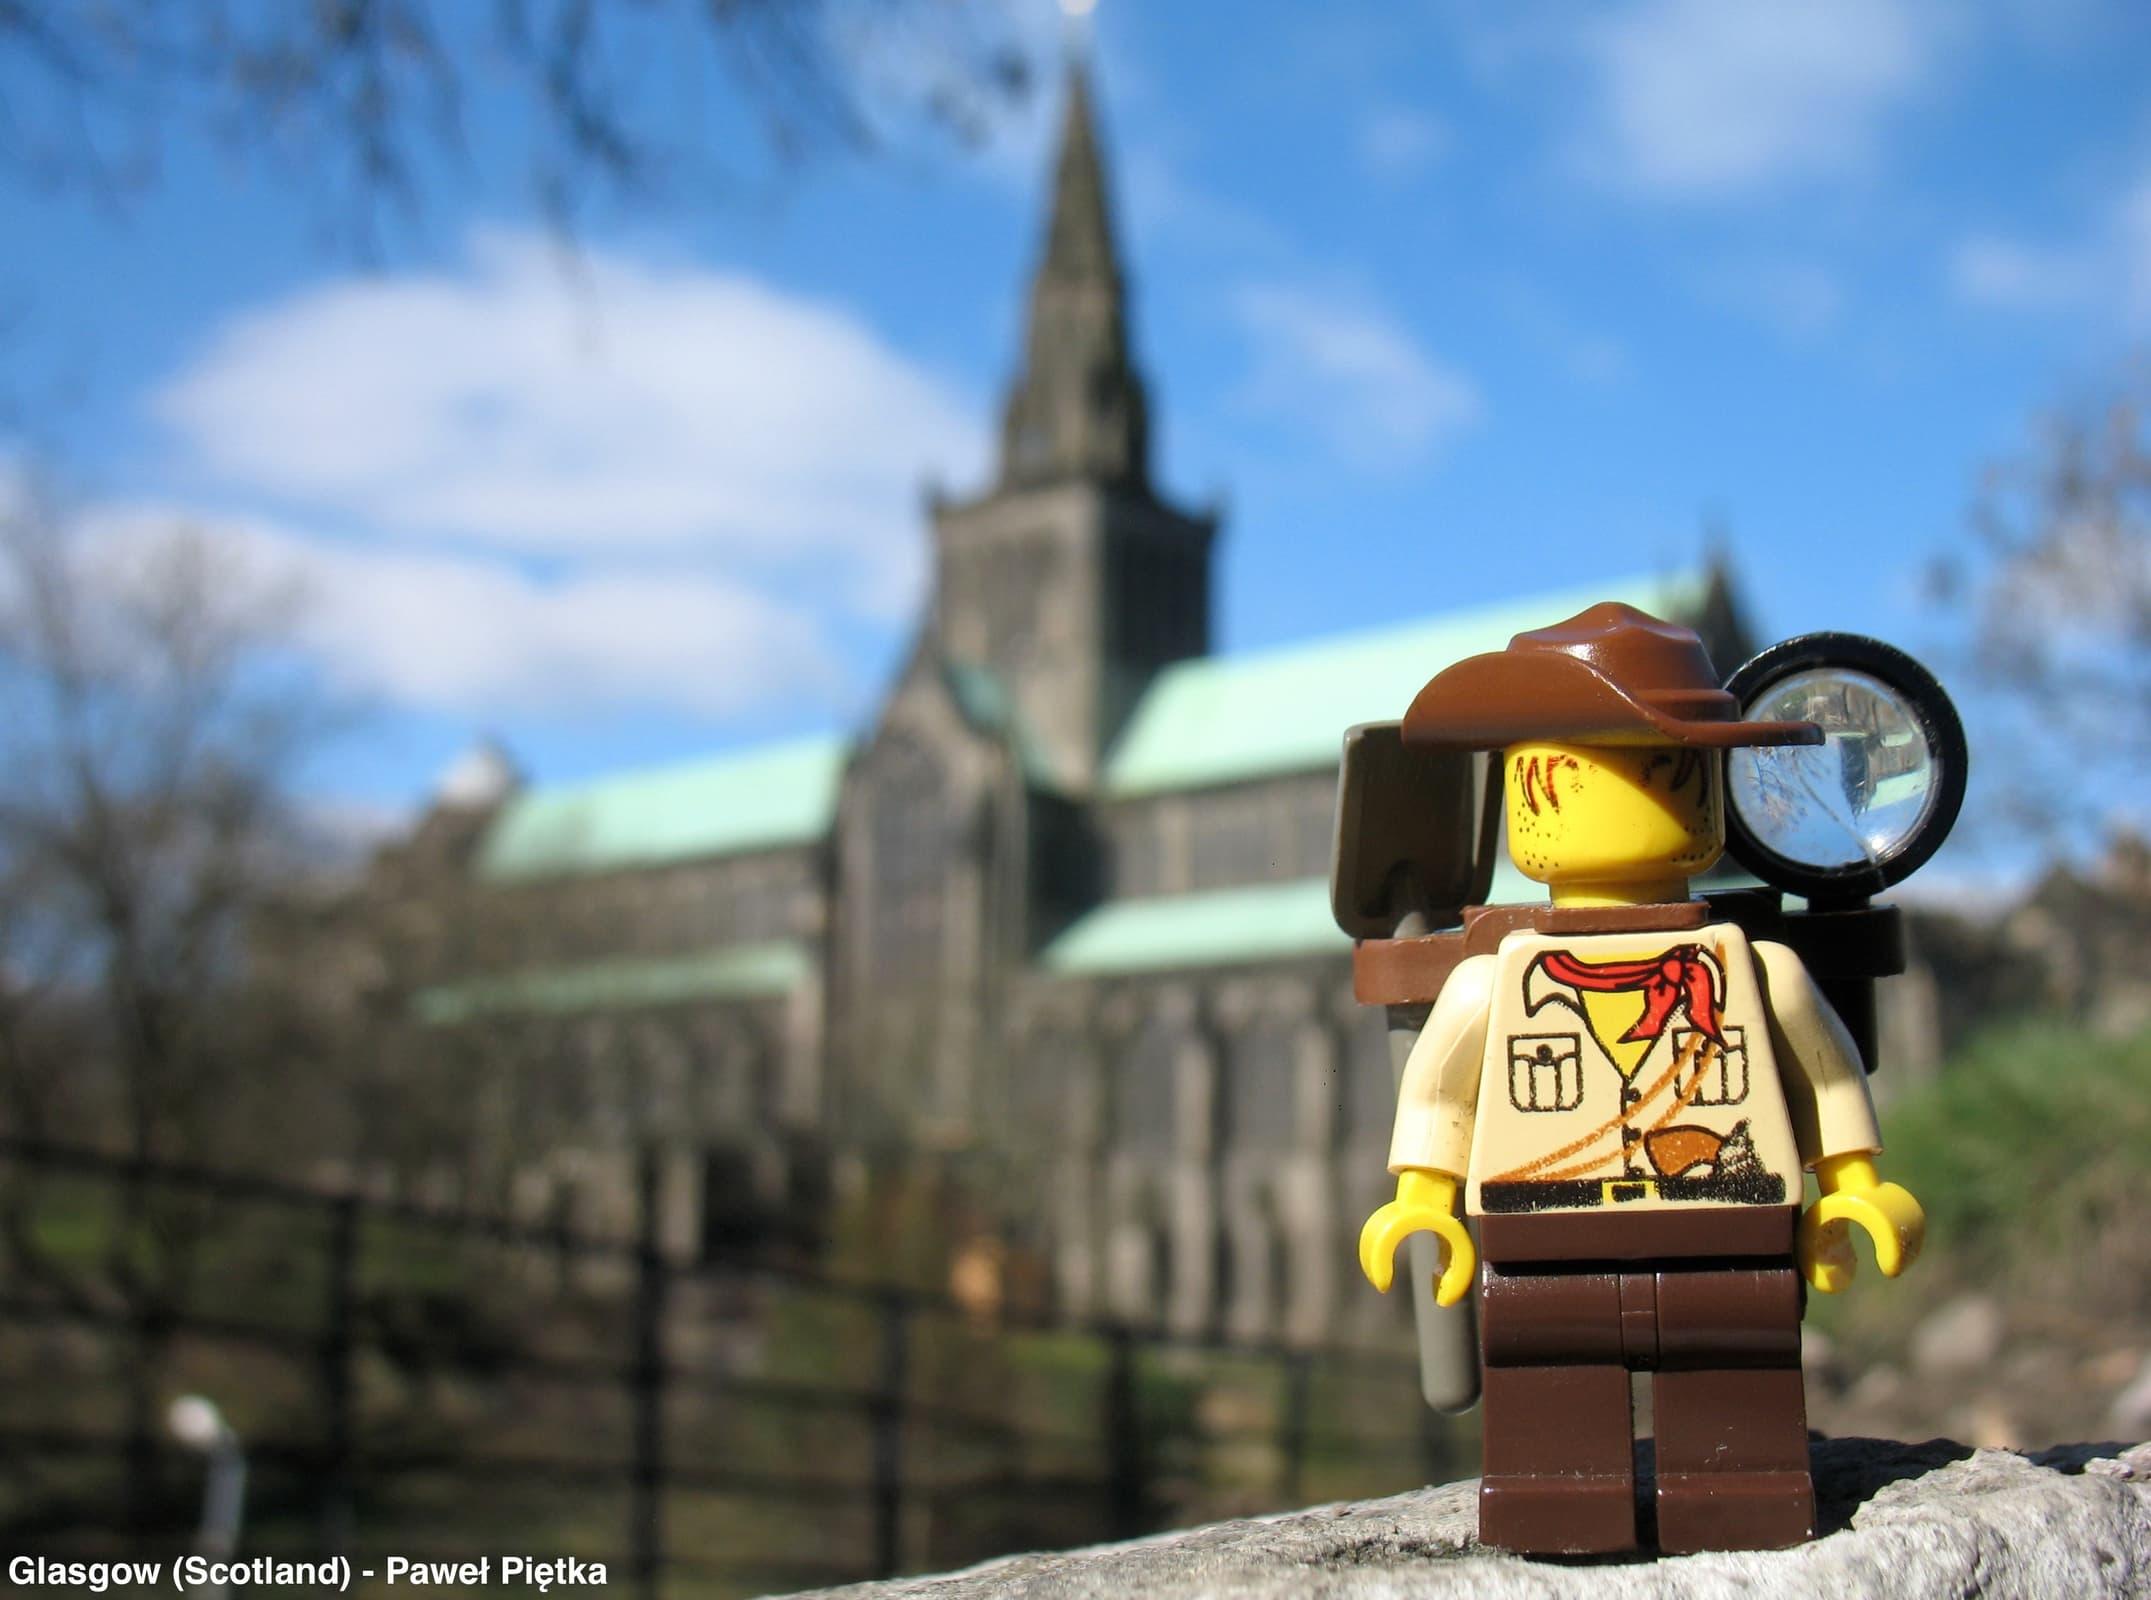 Glasgow (Scotland) - Cathedral of Saint Mungo Pawel Pietka